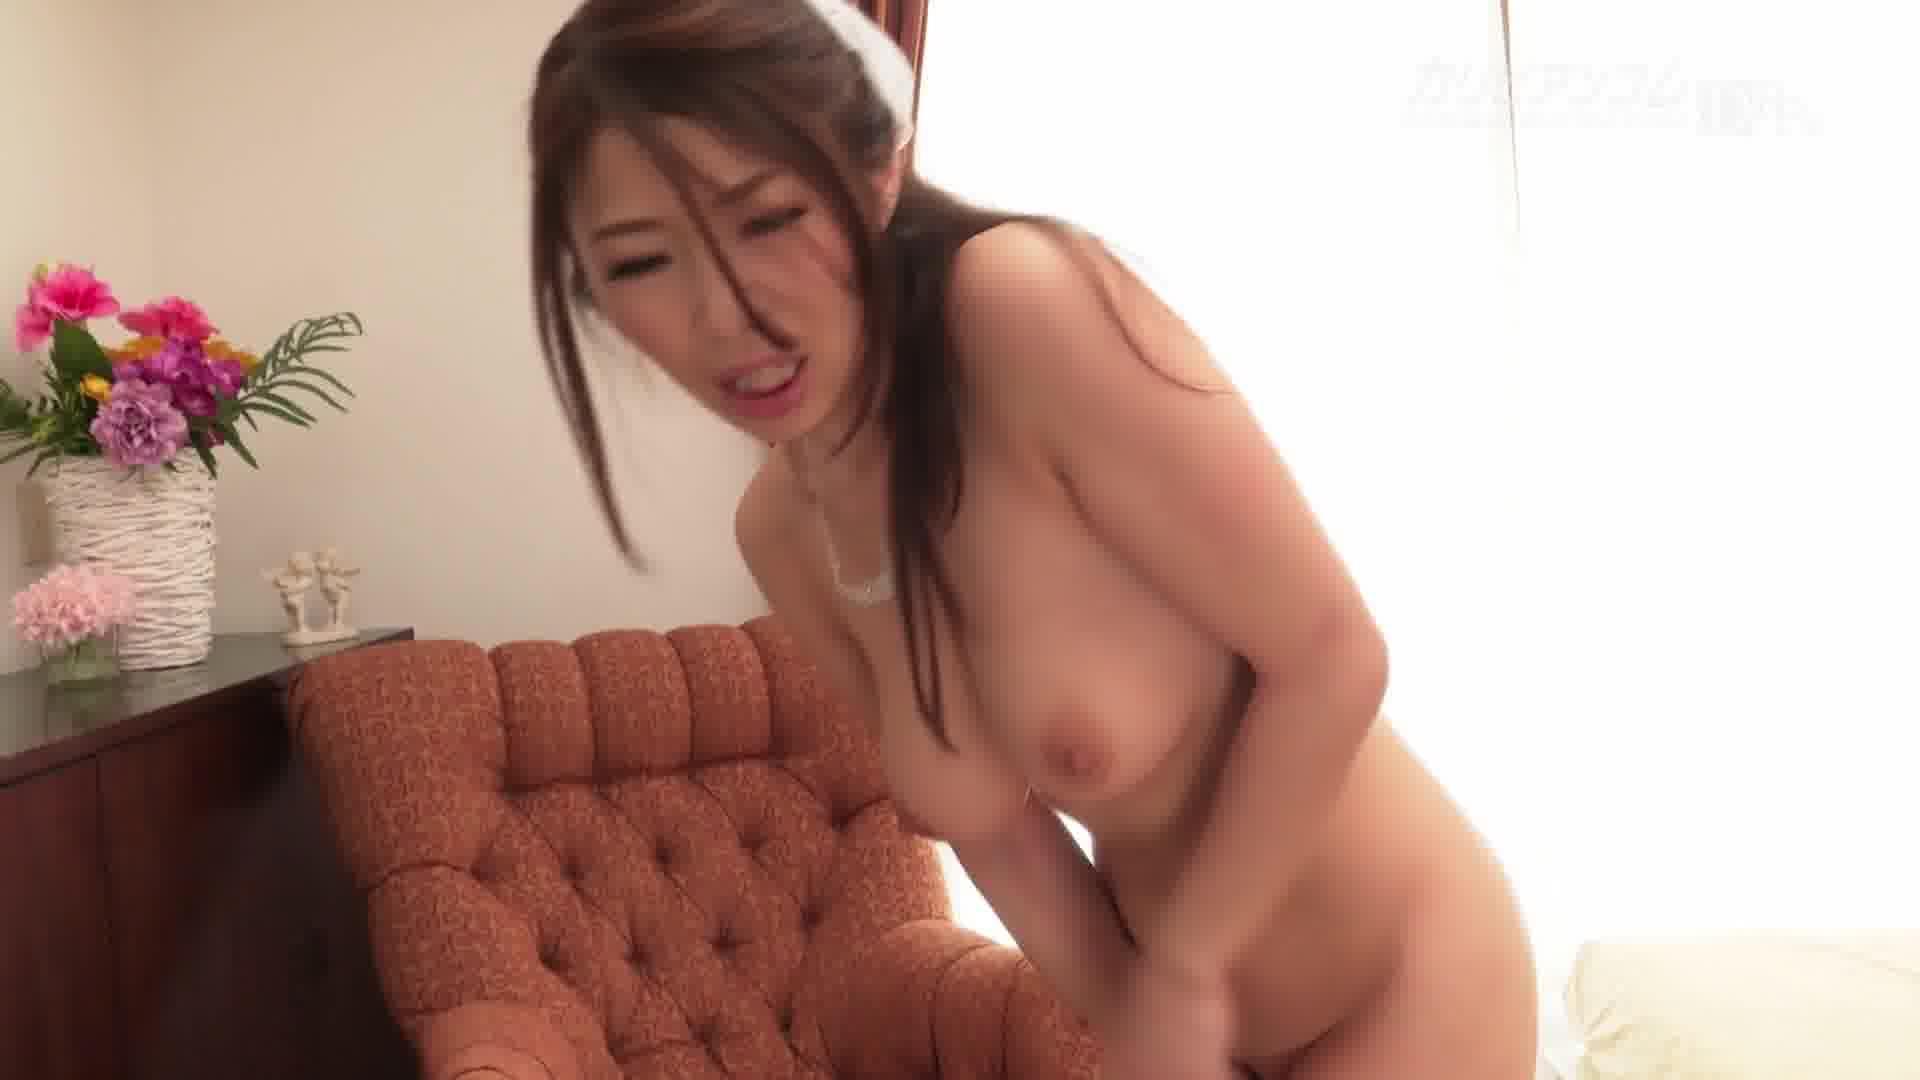 人妻メイドまにあ ~私の性感を開発してください~ - 篠田あゆみ【パイズリ・巨乳・メイド】